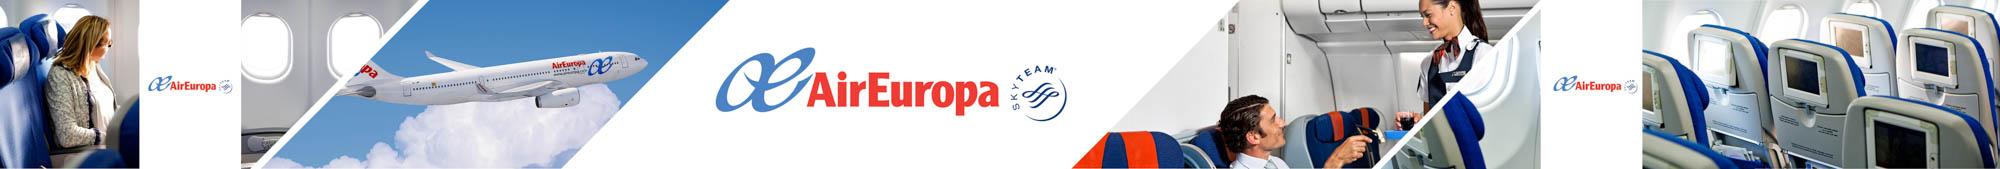 AirEuropa.jpg